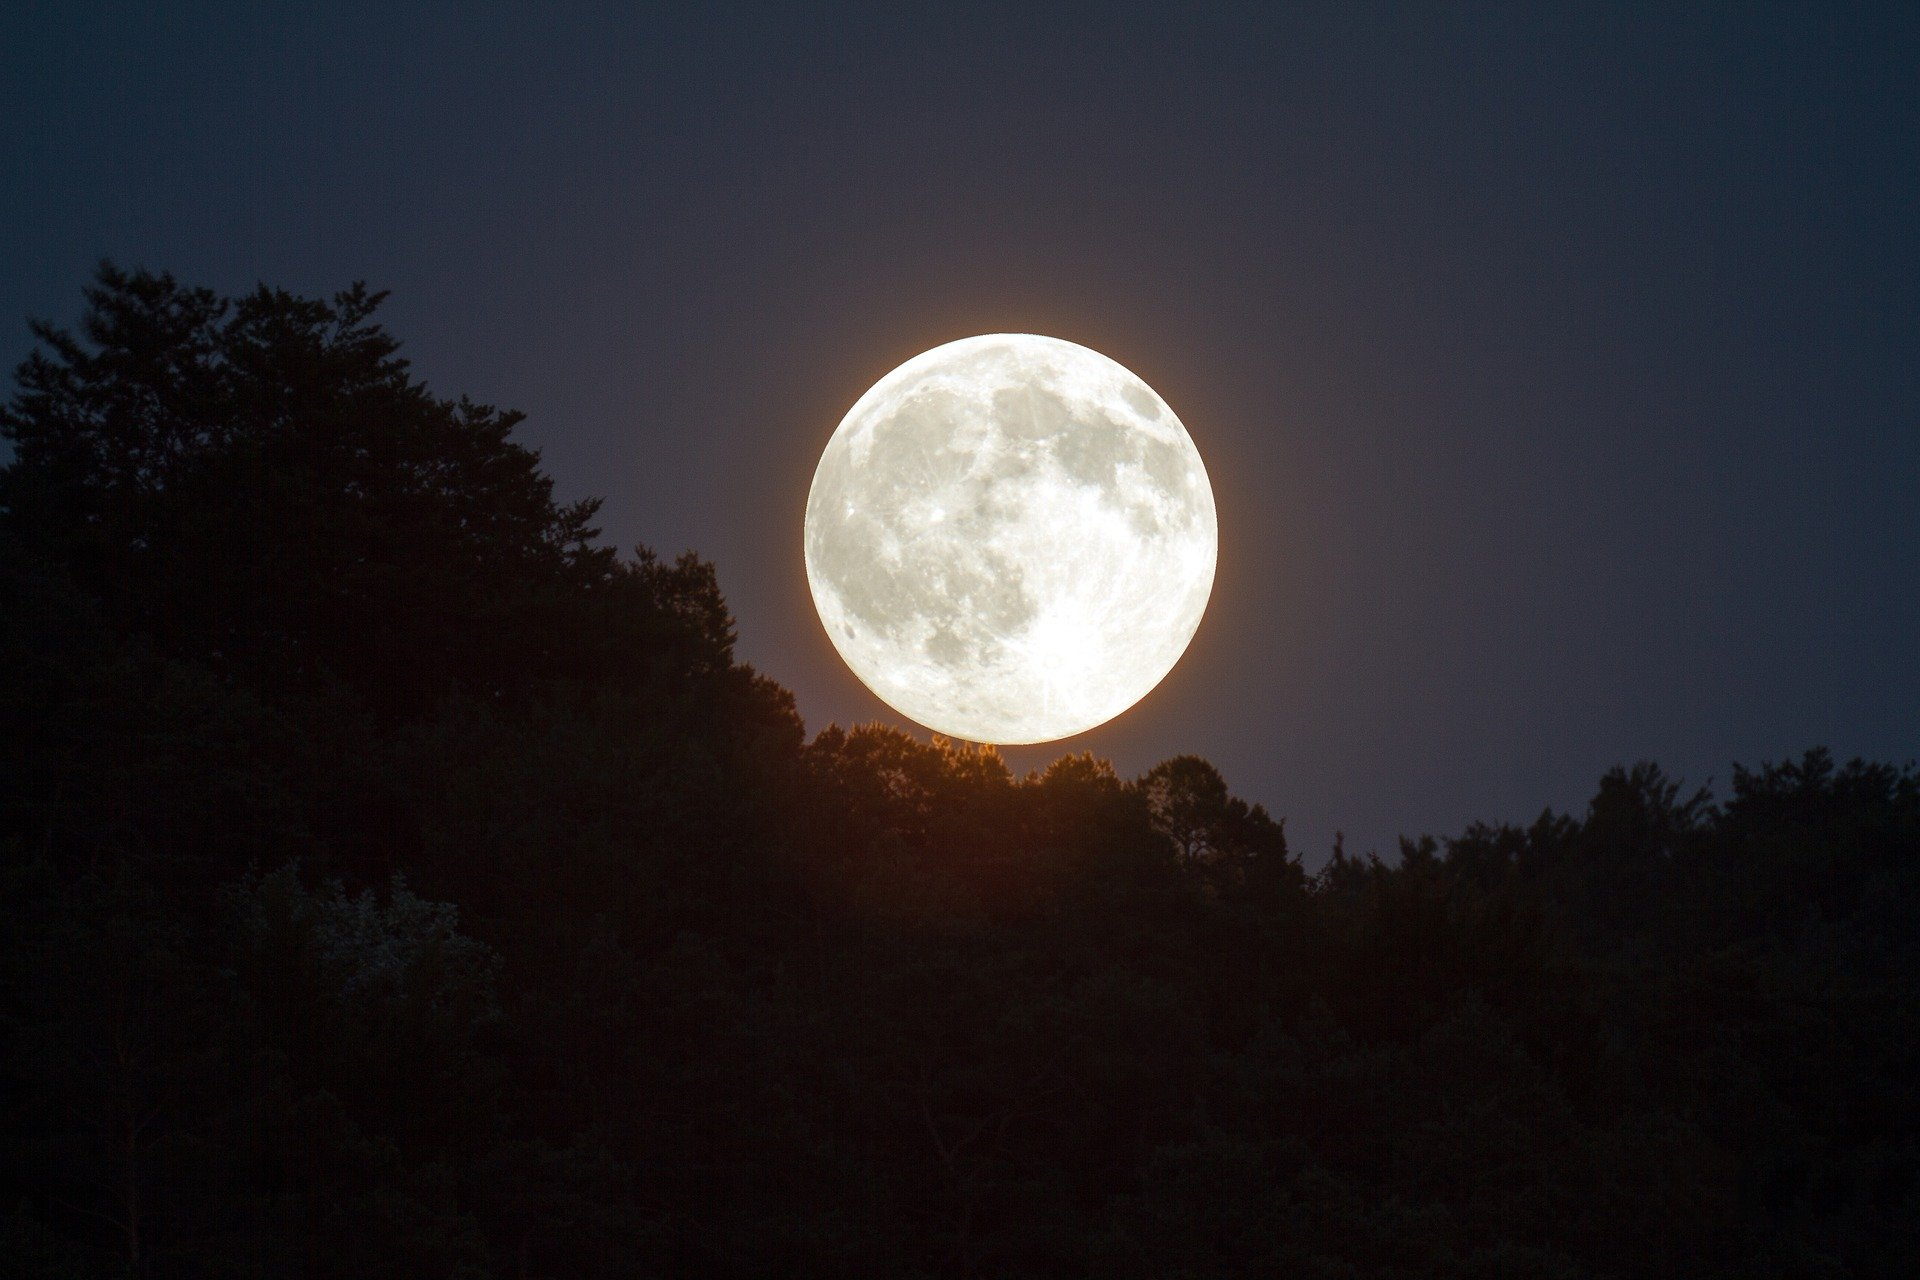 Сегодня в Новороссийске будет лунное затмение и суперлуние